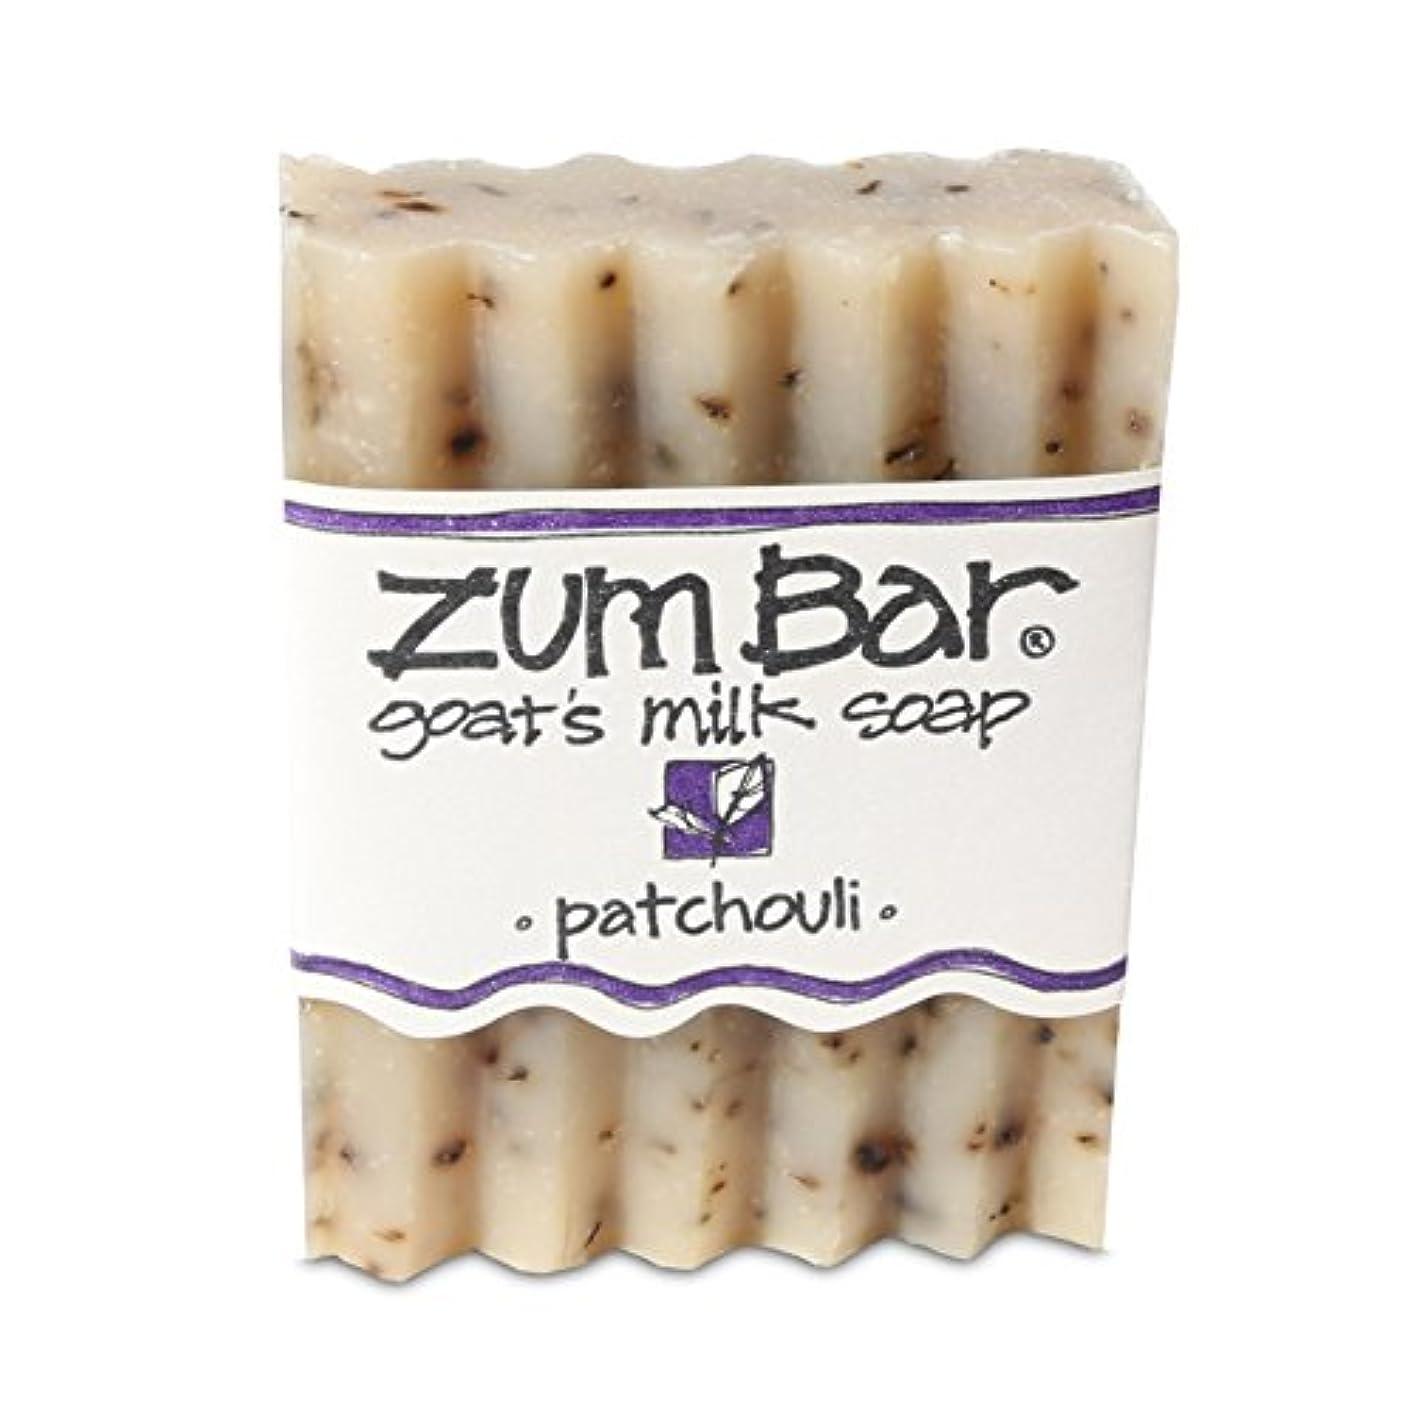 採用見る人行進海外直送品 Indigo Wild, Zum Bar, Goat's ミルク ソープ パチョリ, 3 Ounces (2個セット) (Patchouli) [並行輸入品]